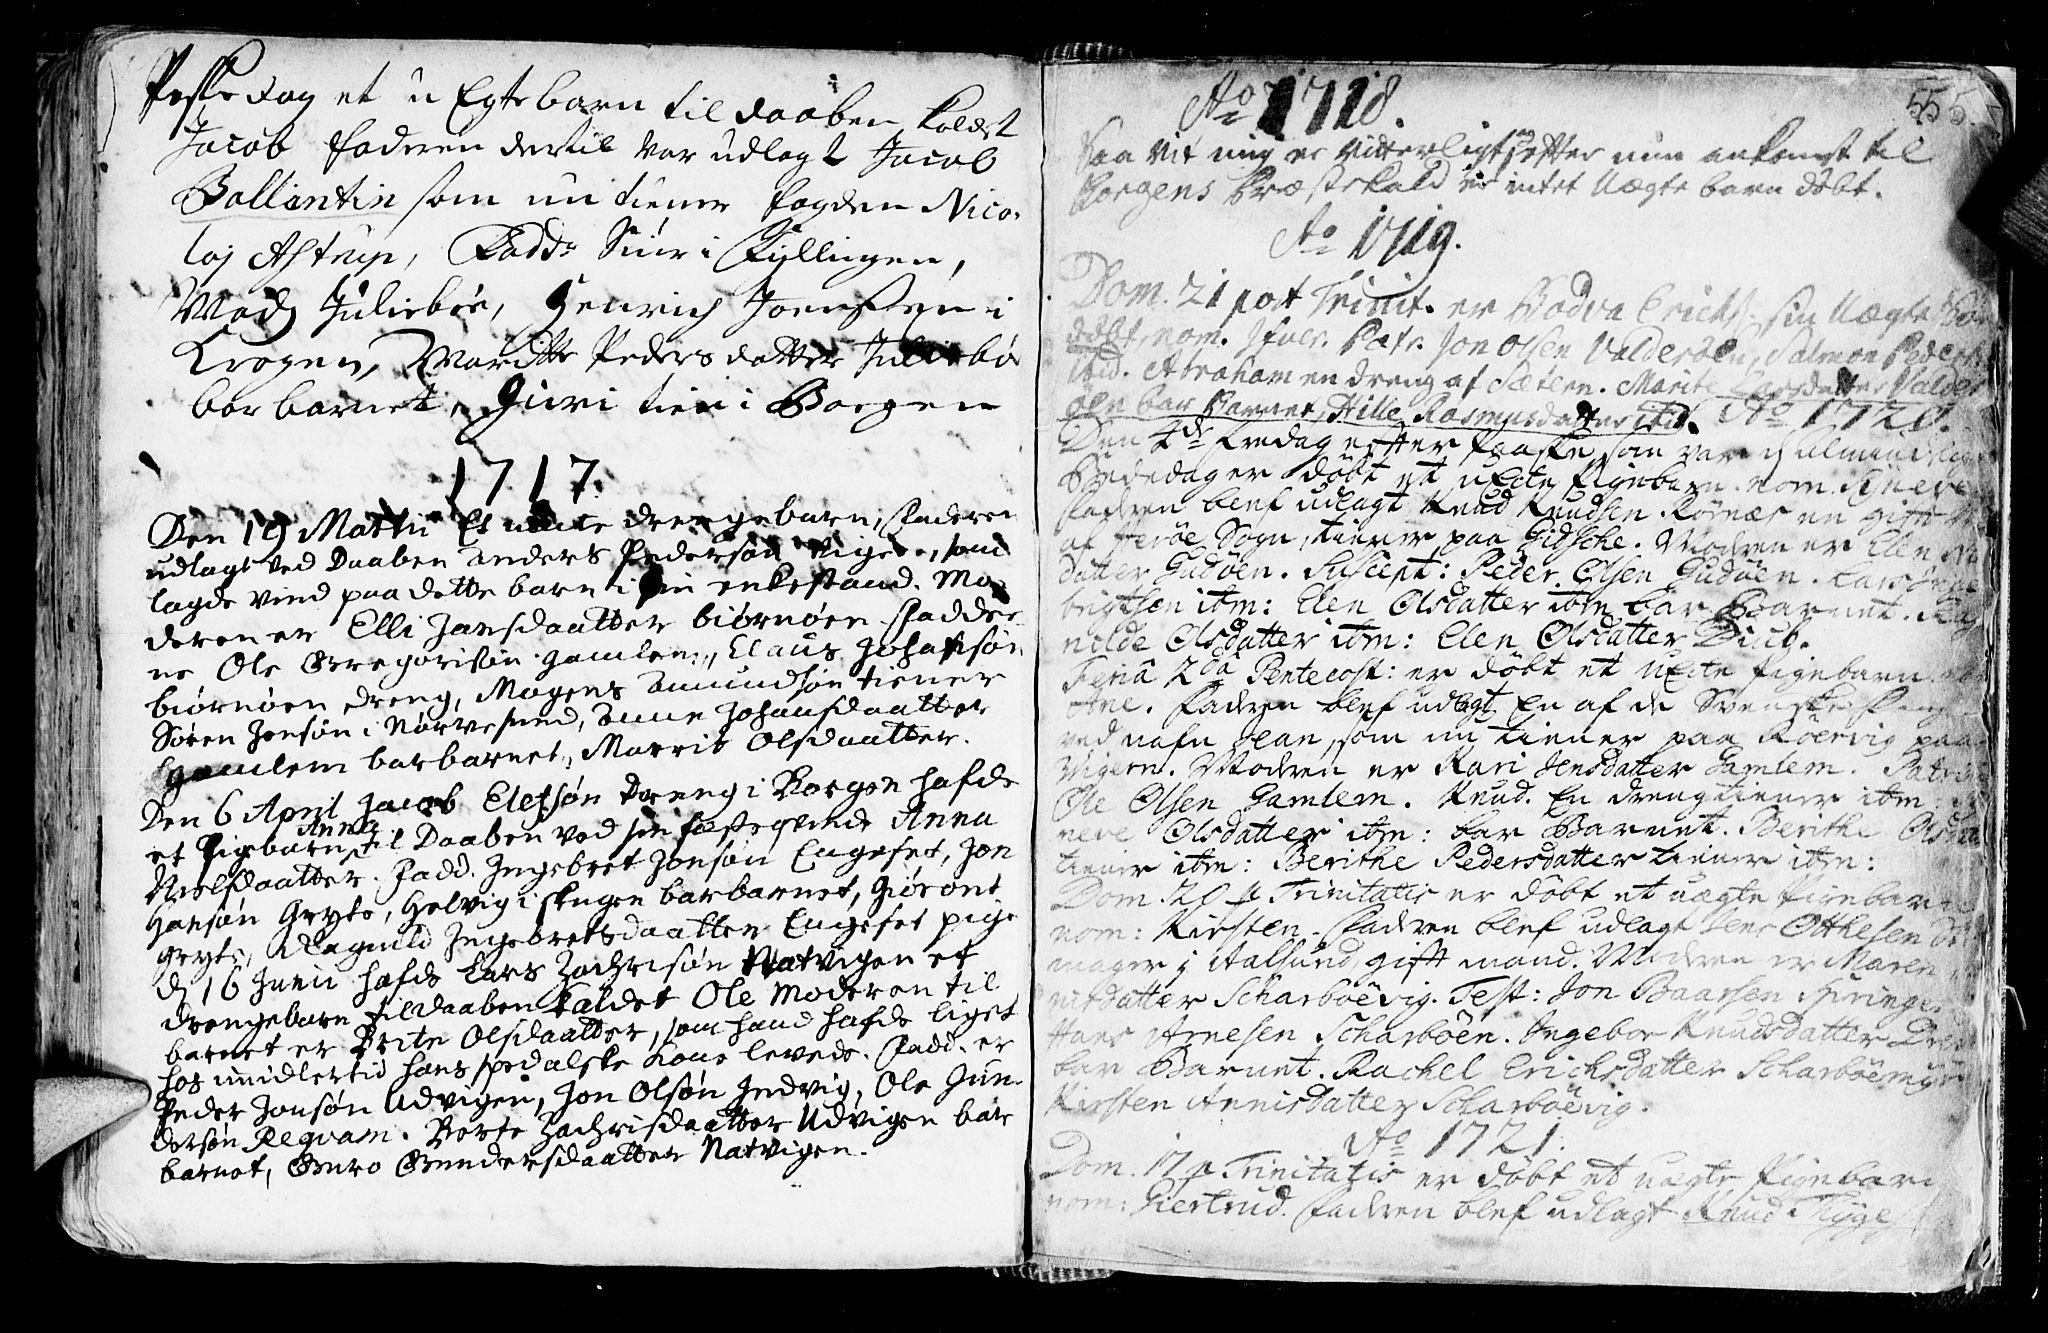 SAT, Ministerialprotokoller, klokkerbøker og fødselsregistre - Møre og Romsdal, 528/L0390: Ministerialbok nr. 528A01, 1698-1739, s. 554-555